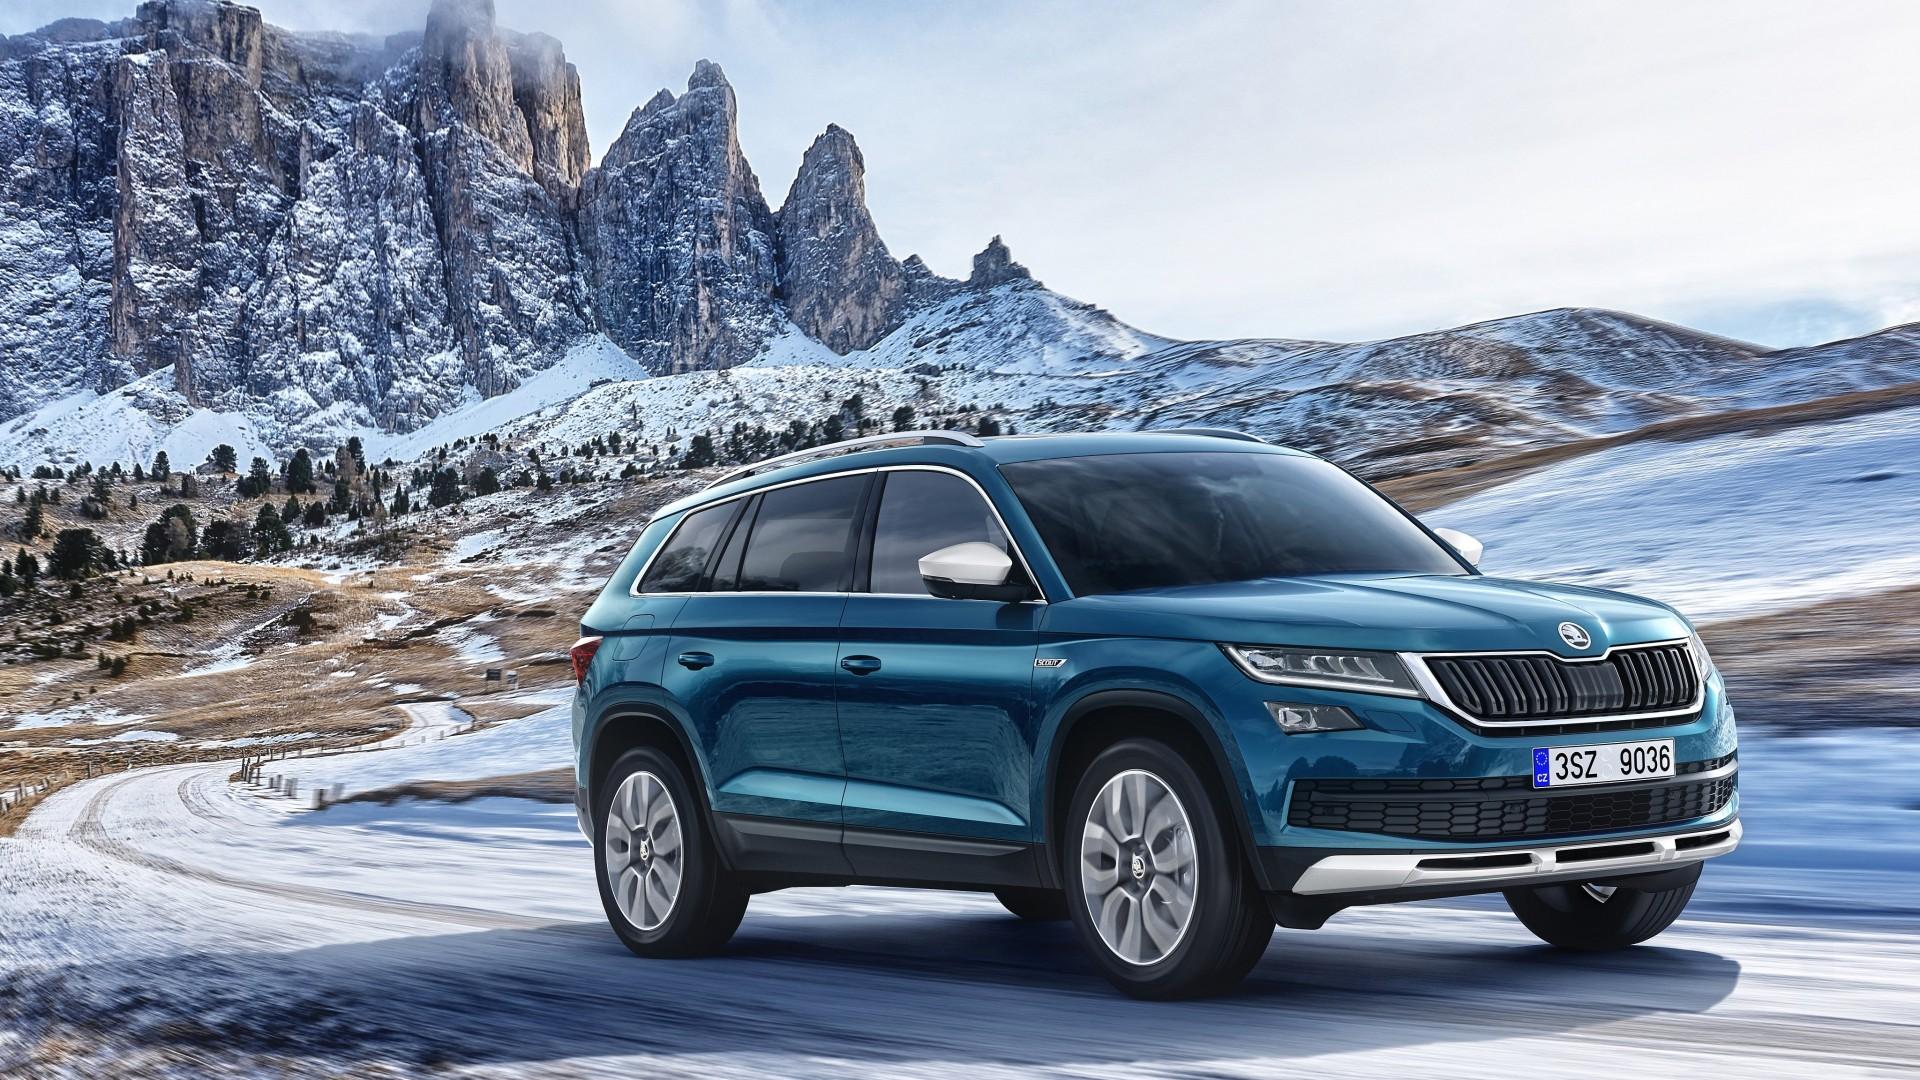 2019 Cars: Wallpaper Skoda Kodiaq, 2019 Cars, SUV, 4K, Cars & Bikes